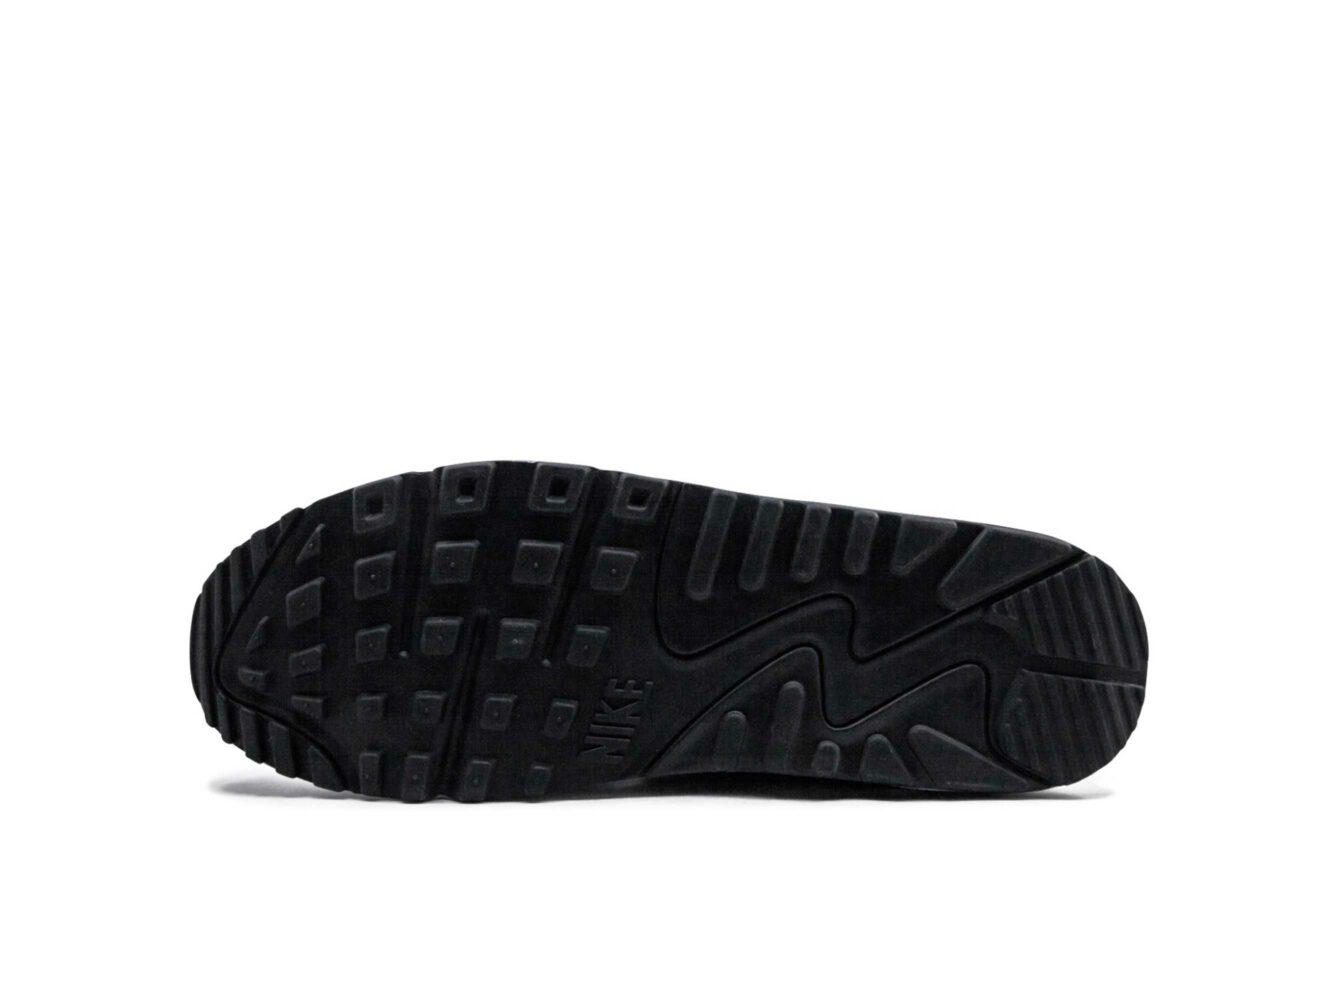 nike air max 90 essential black grey white AJ1285_018 купить